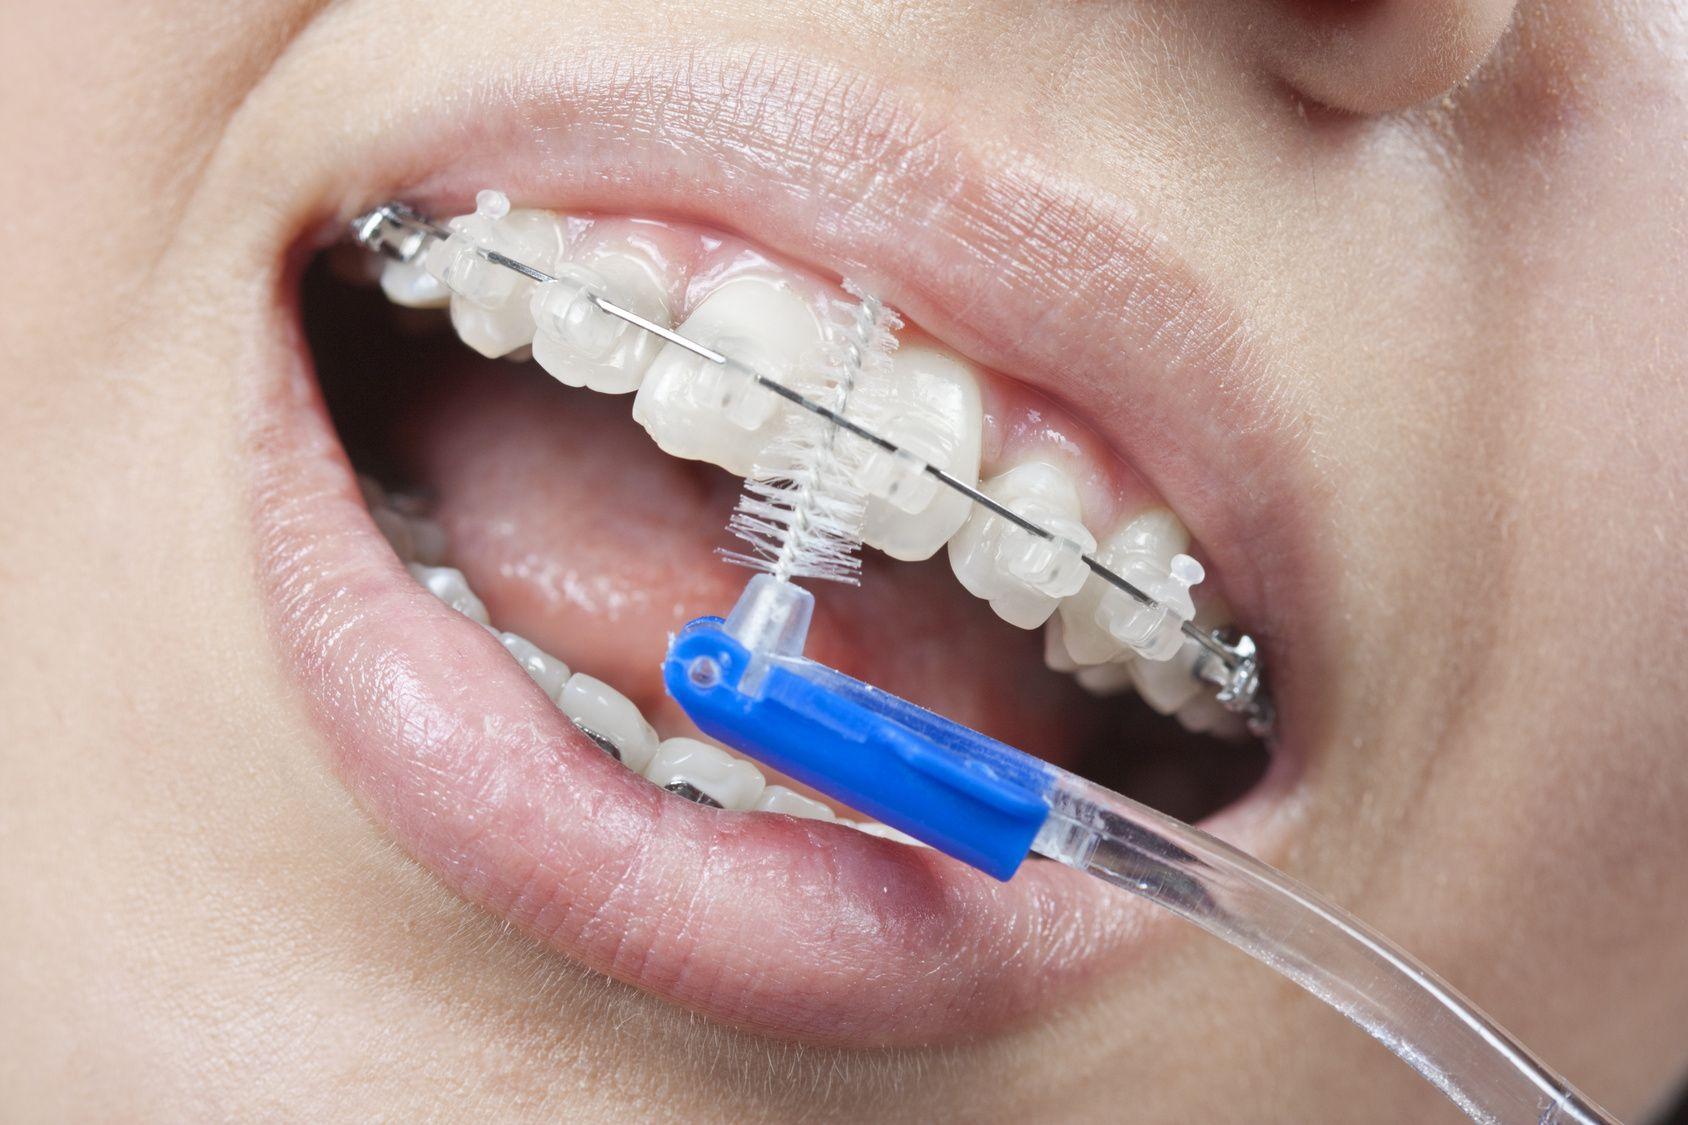 Top 4 tips for Dental Braces Care Brush carefully on